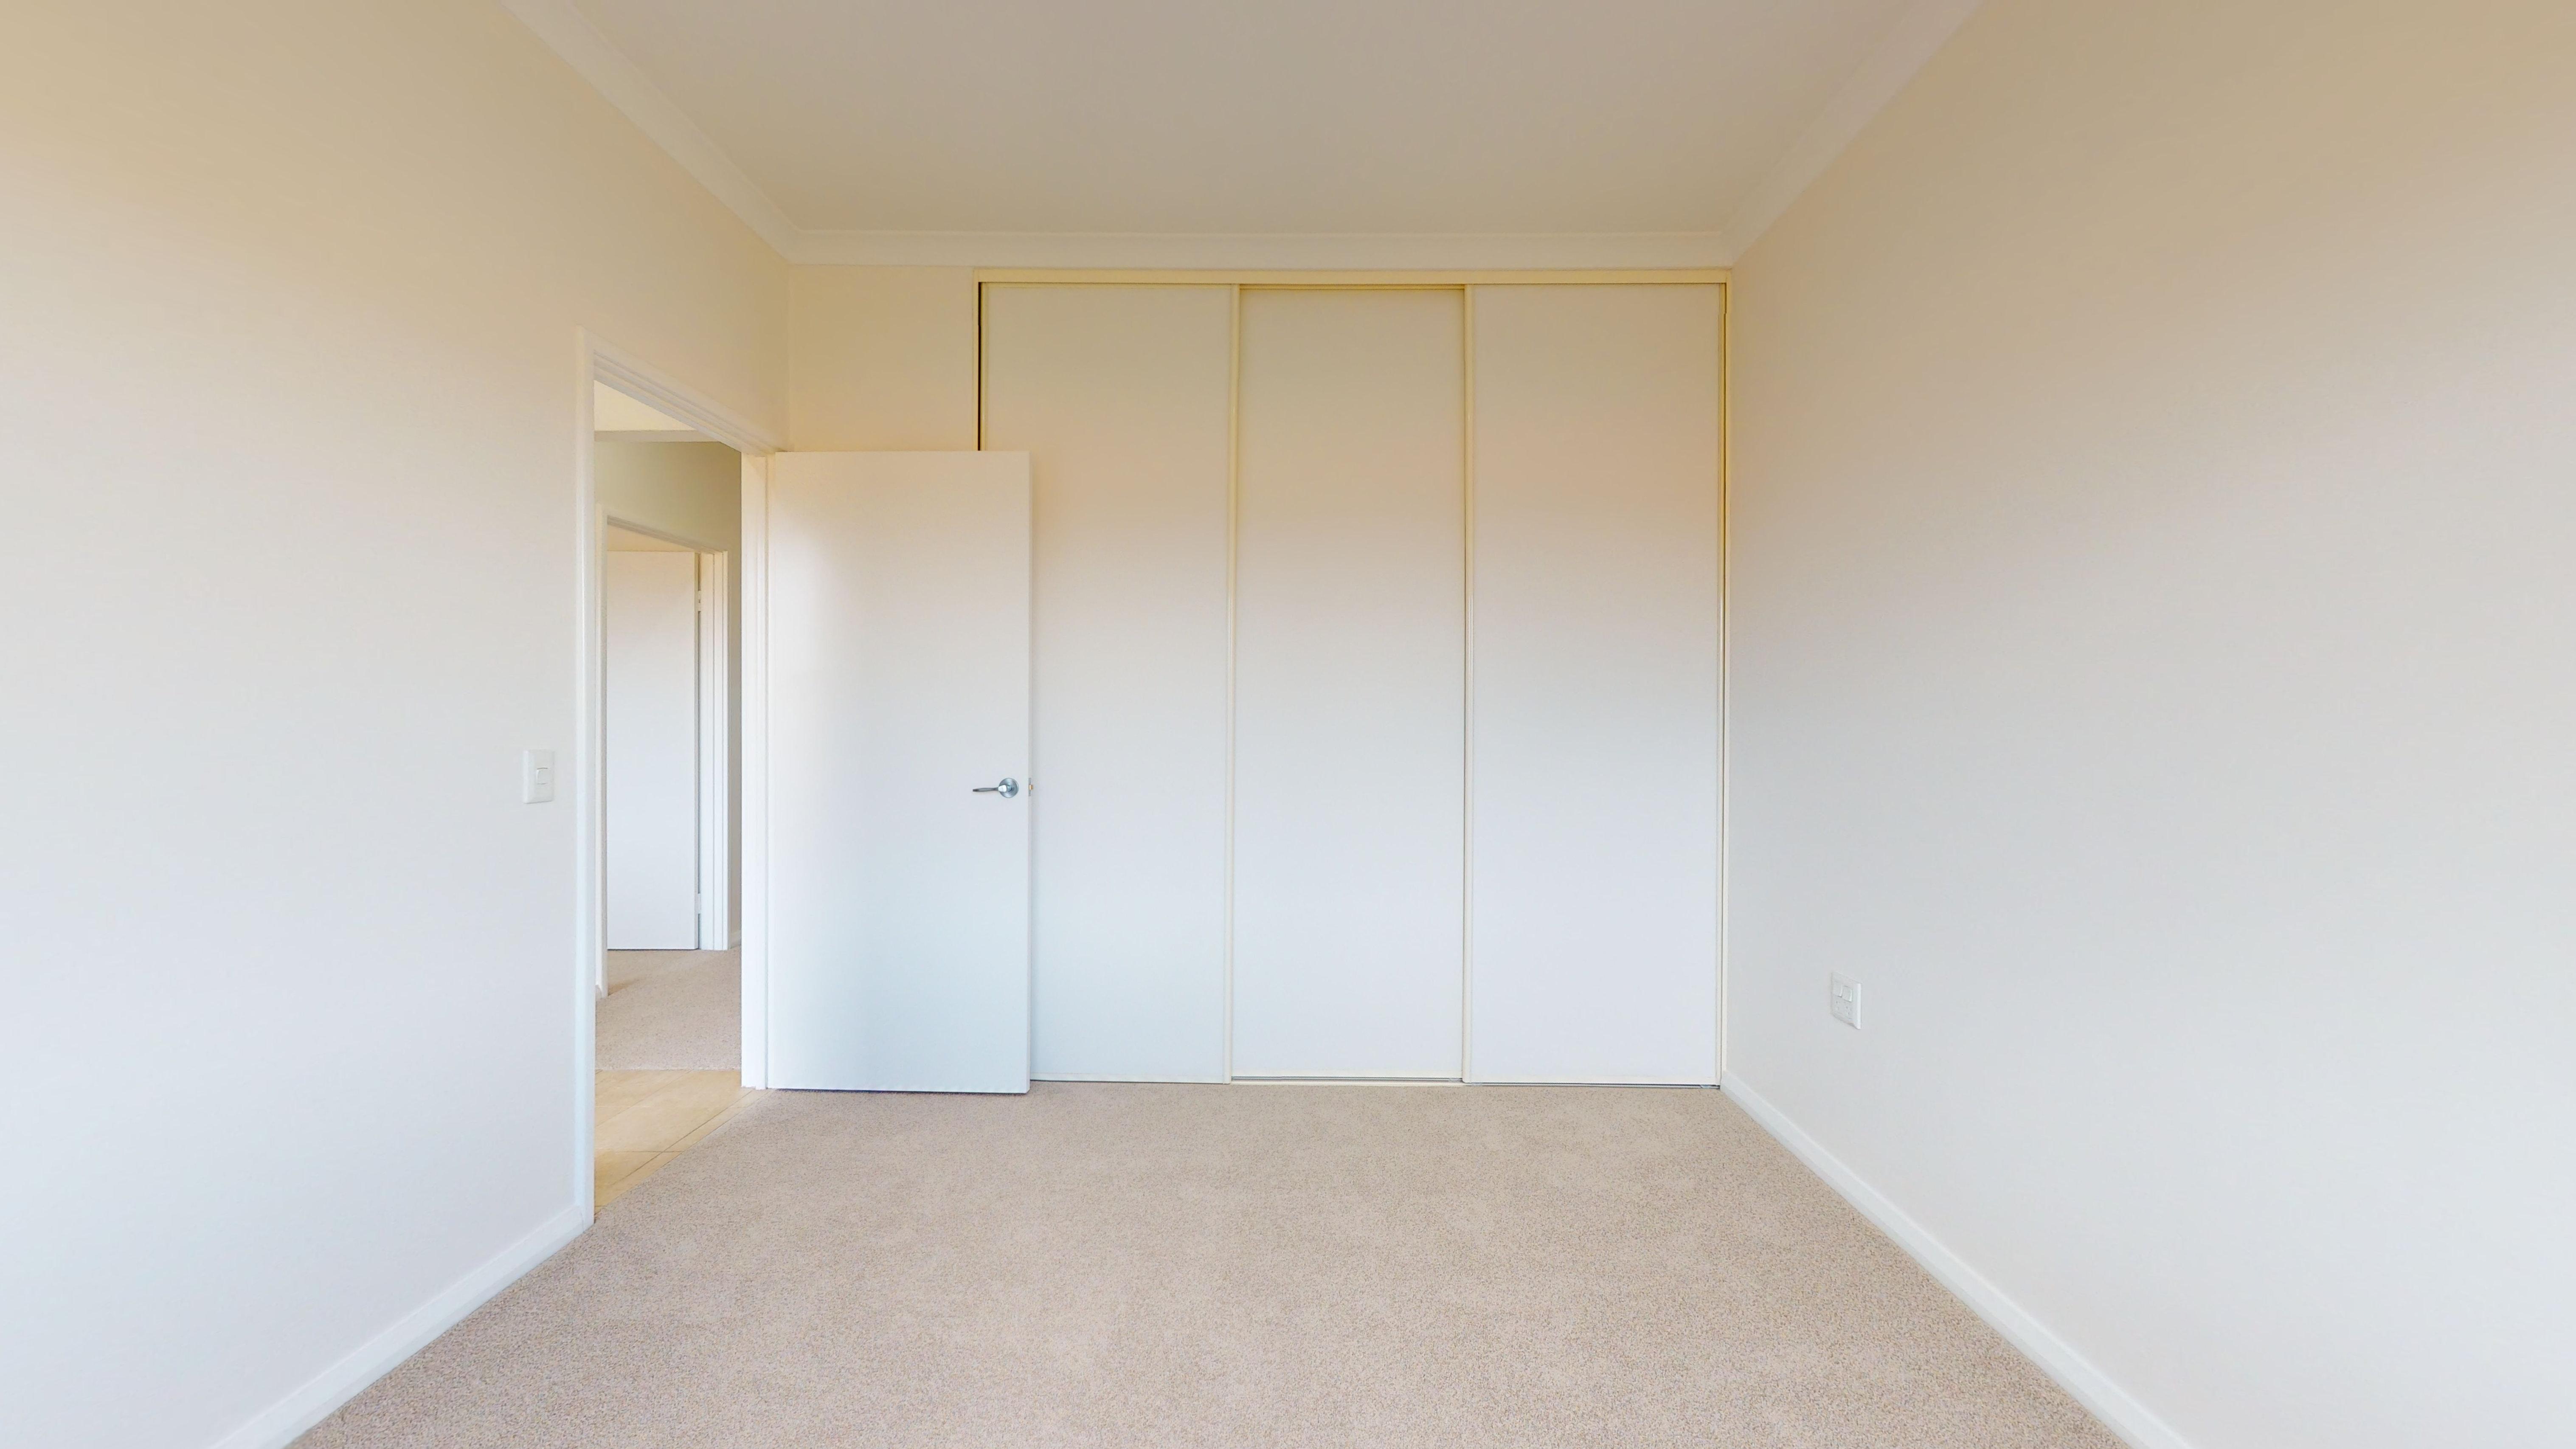 35483740 1626331092 24952 174 22 Windelya Rd Murdoch Main Bedroom1